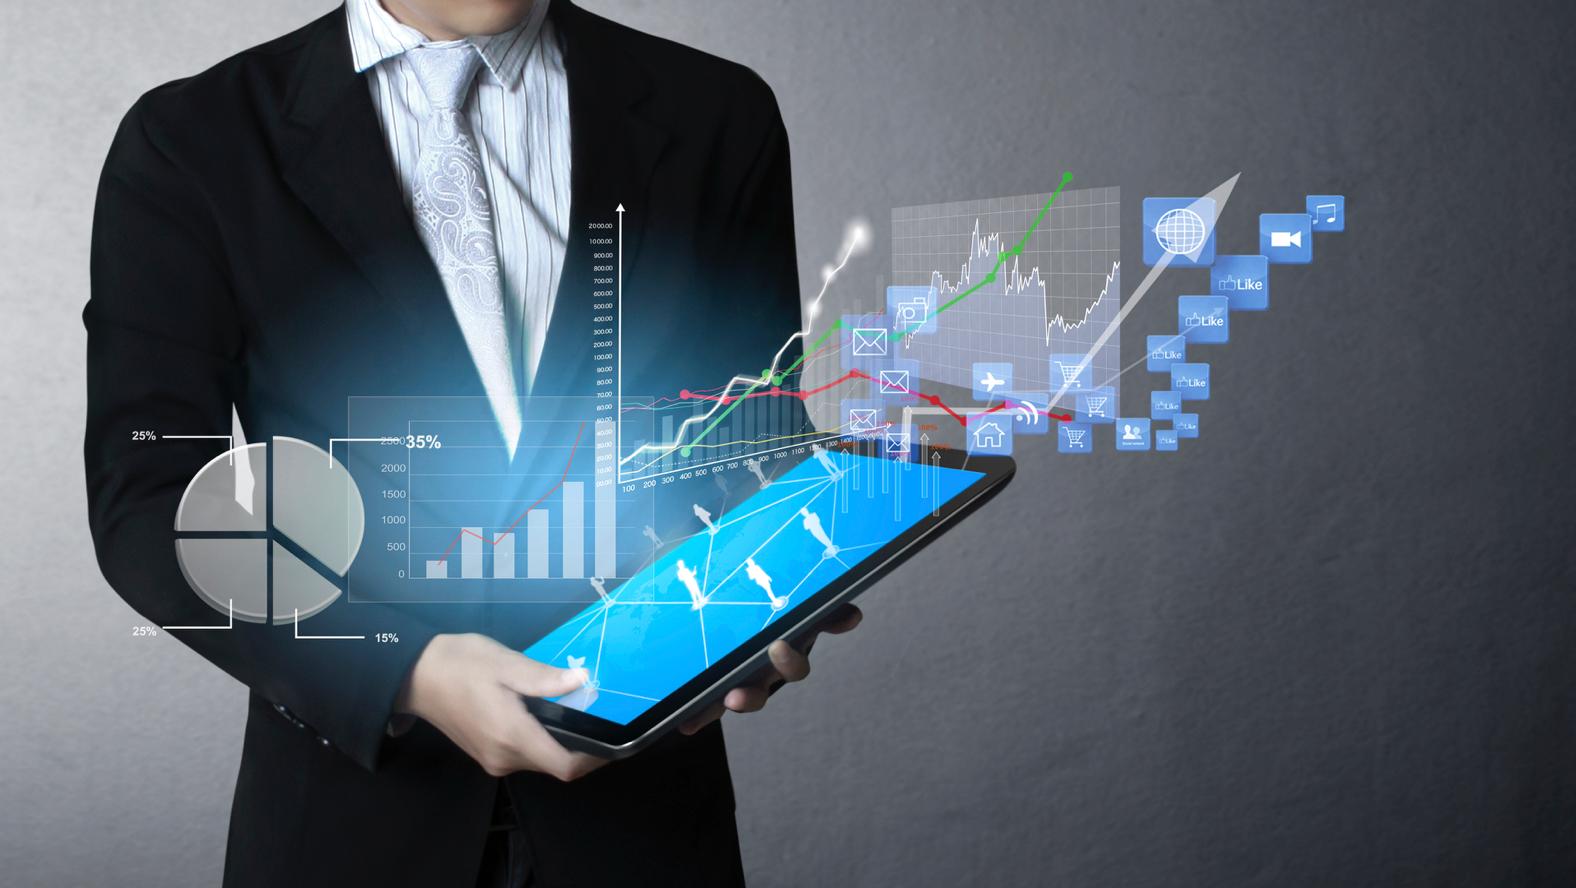 بهترین نرم افزار حسابداری تحت وب 7 بهترین نرم افزار حسابداری تحت وب